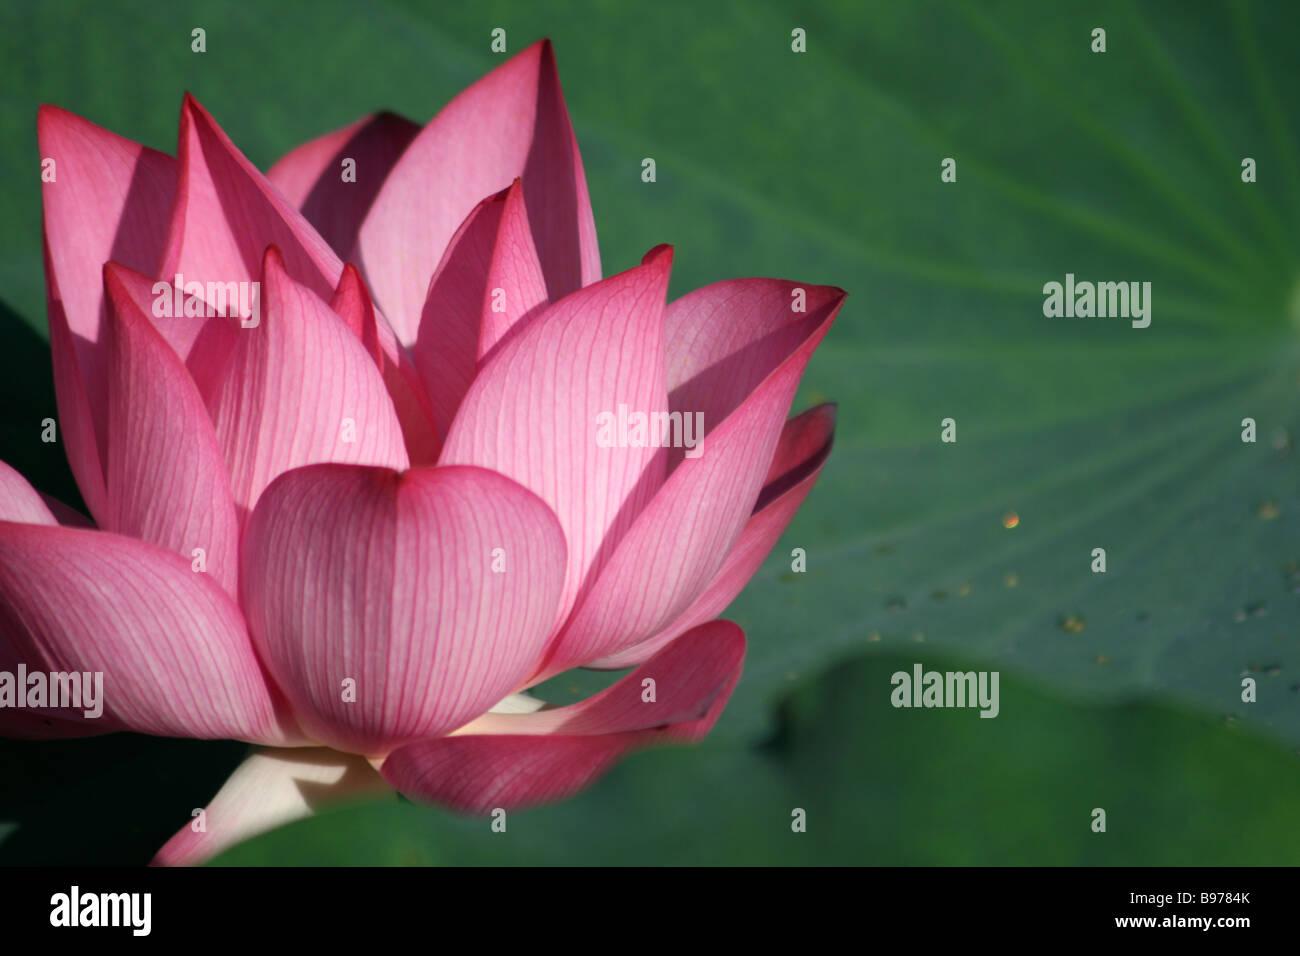 Flor de Loto con hoja que contiene unas pocas gotas de agua en el ...